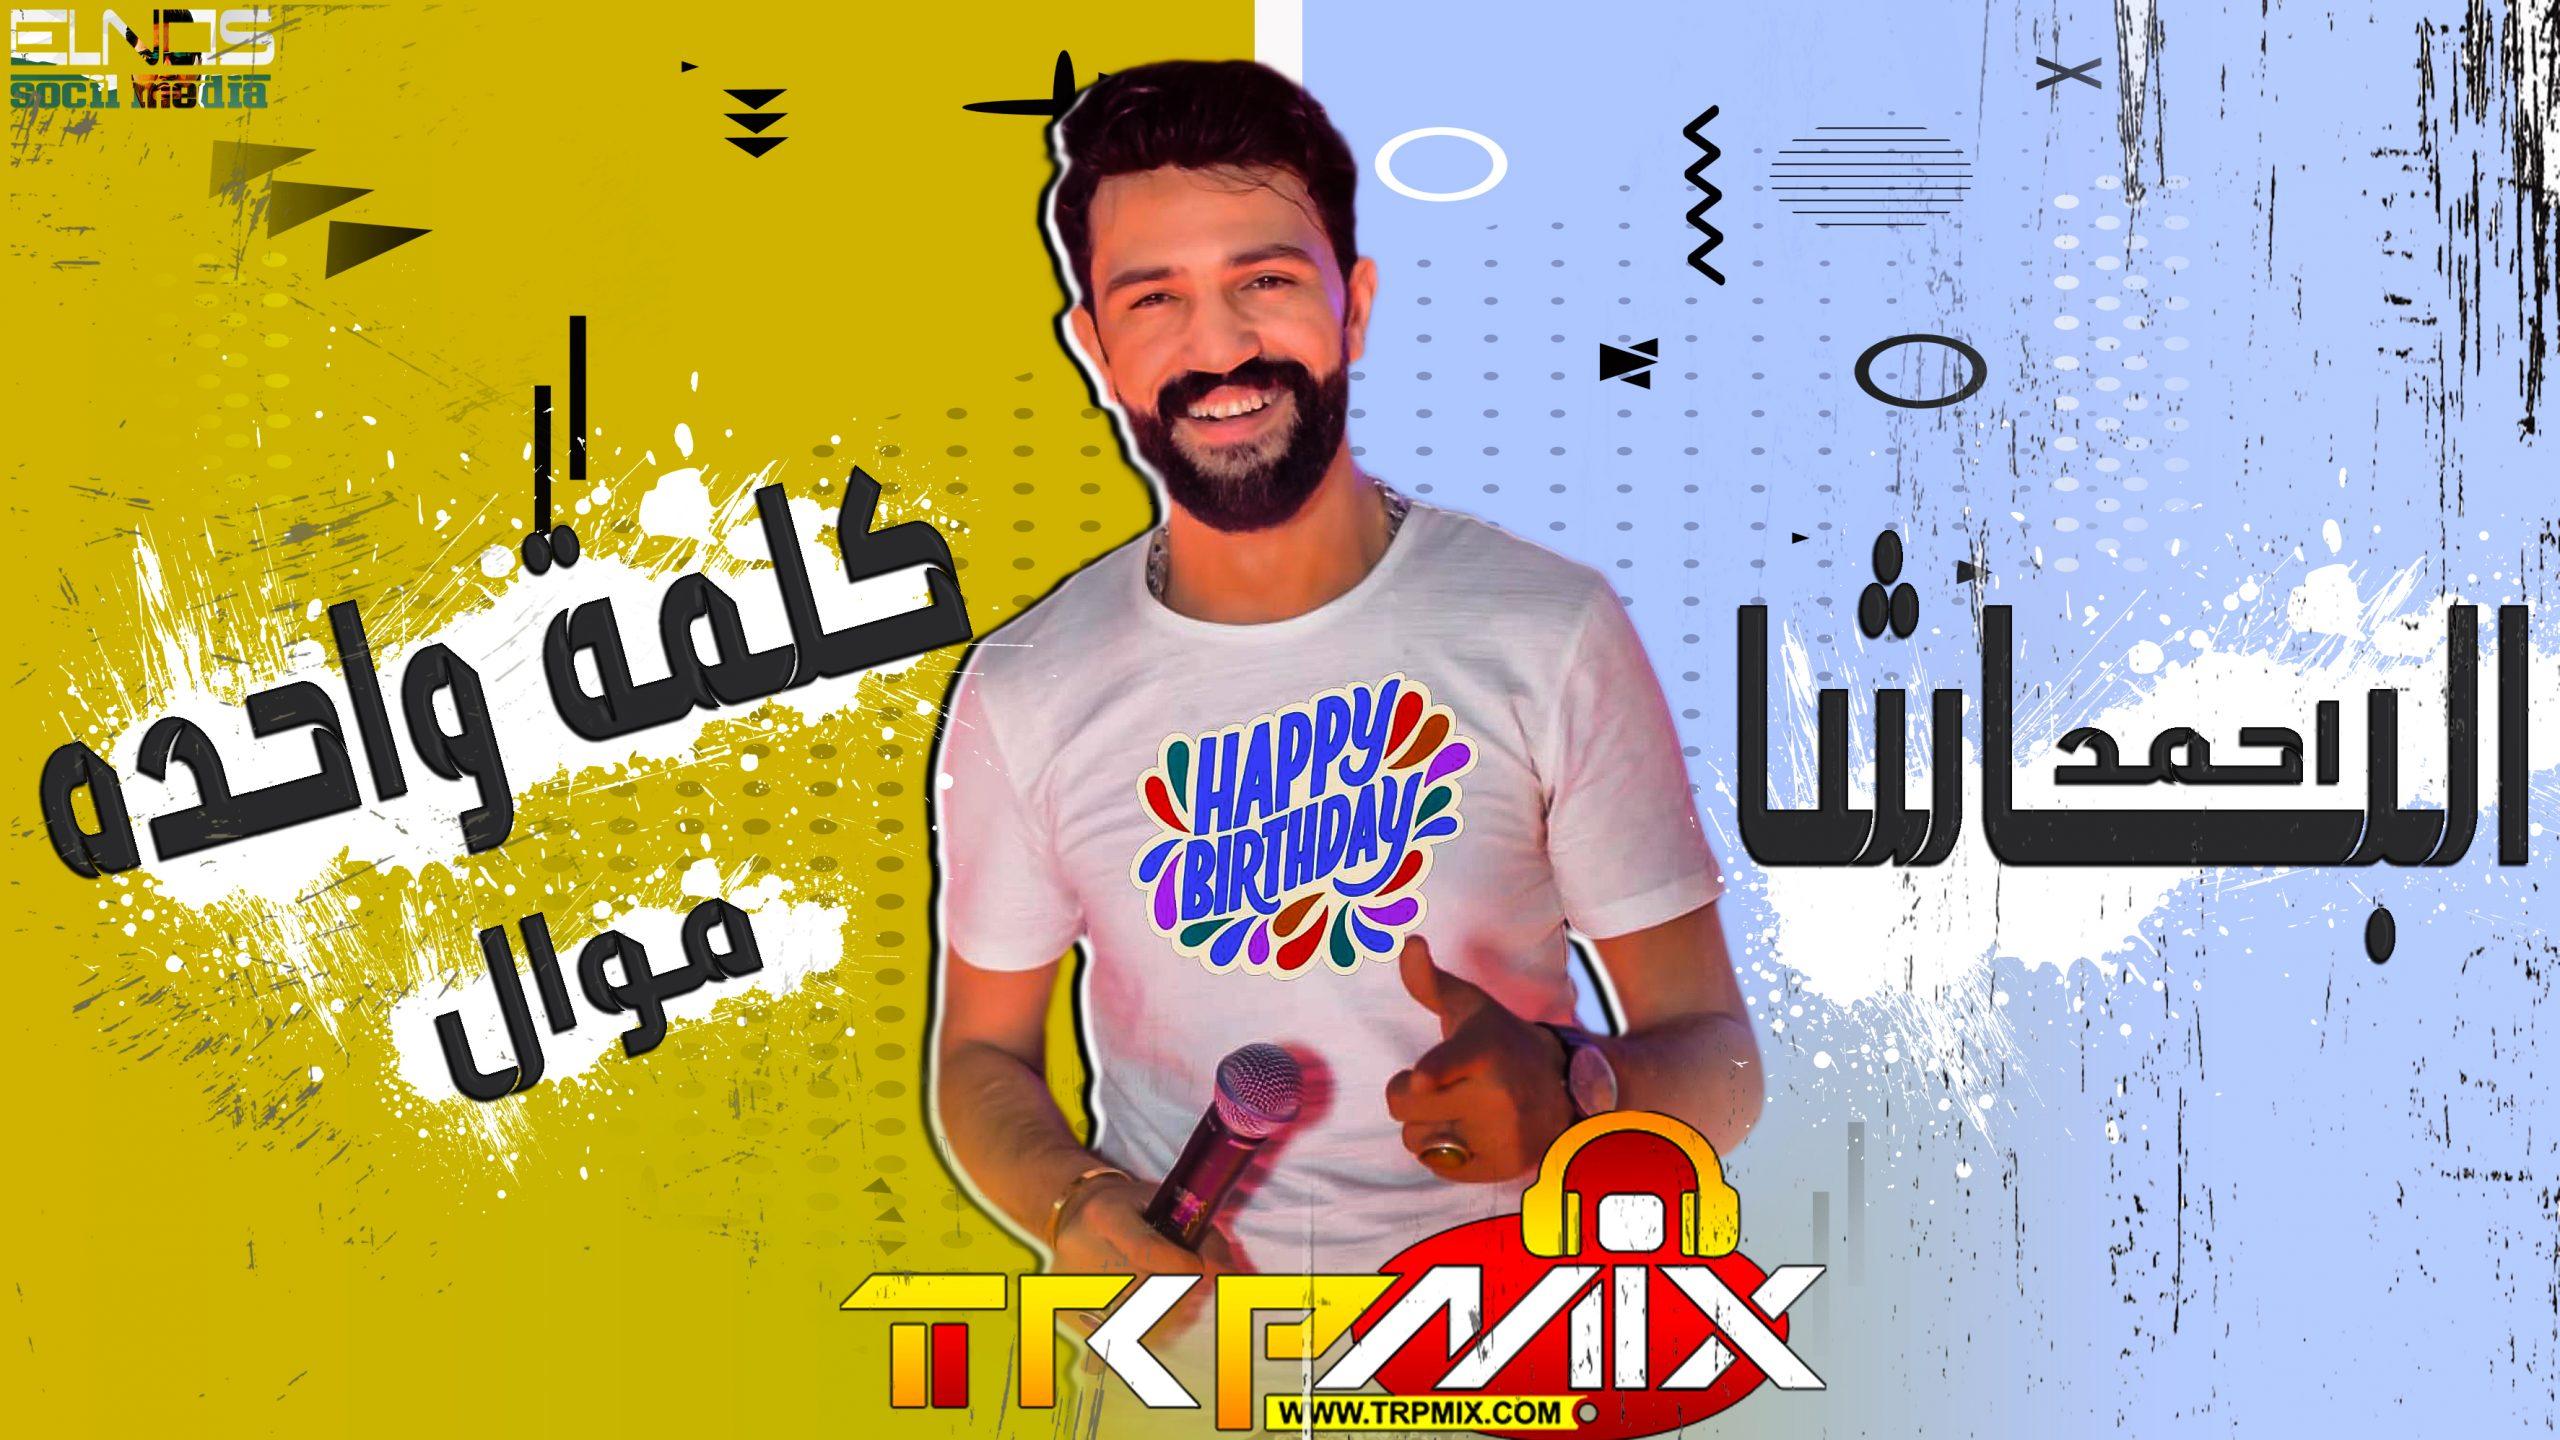 حصريا احمد الباشا    حظ يا حظ    موال كلمة واحده    طرب ميكس 2021